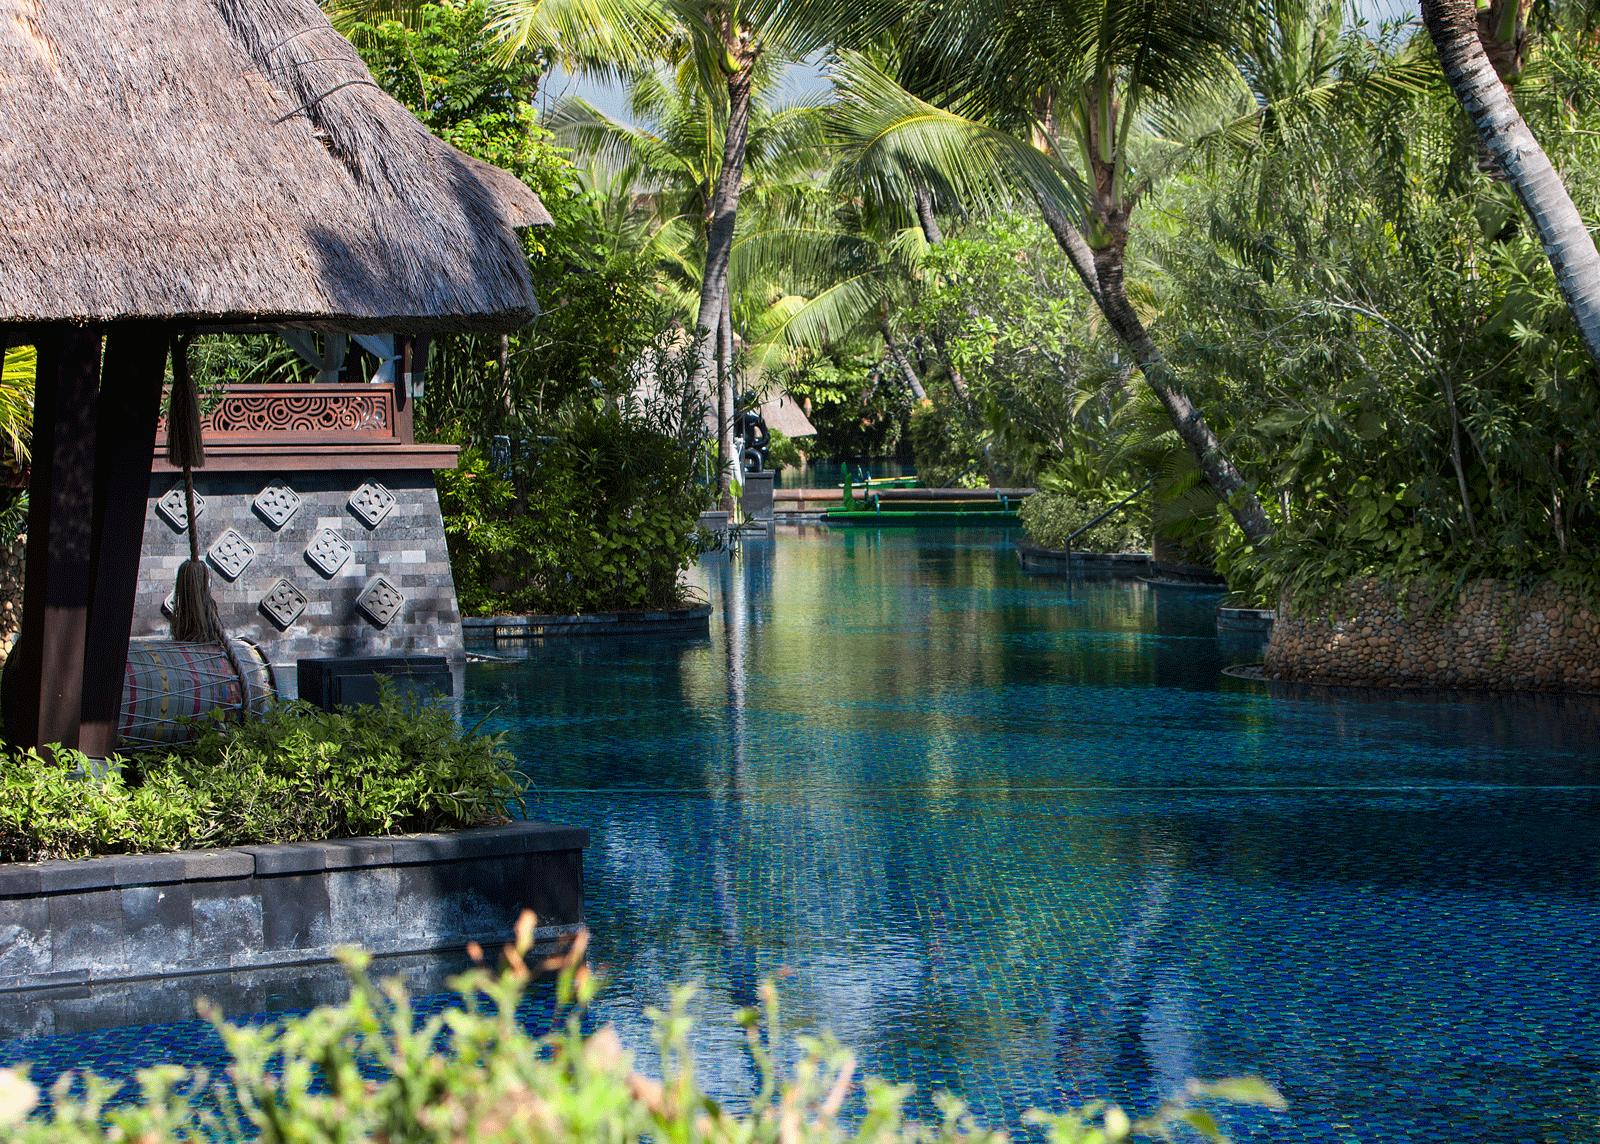 Salt water lagoon